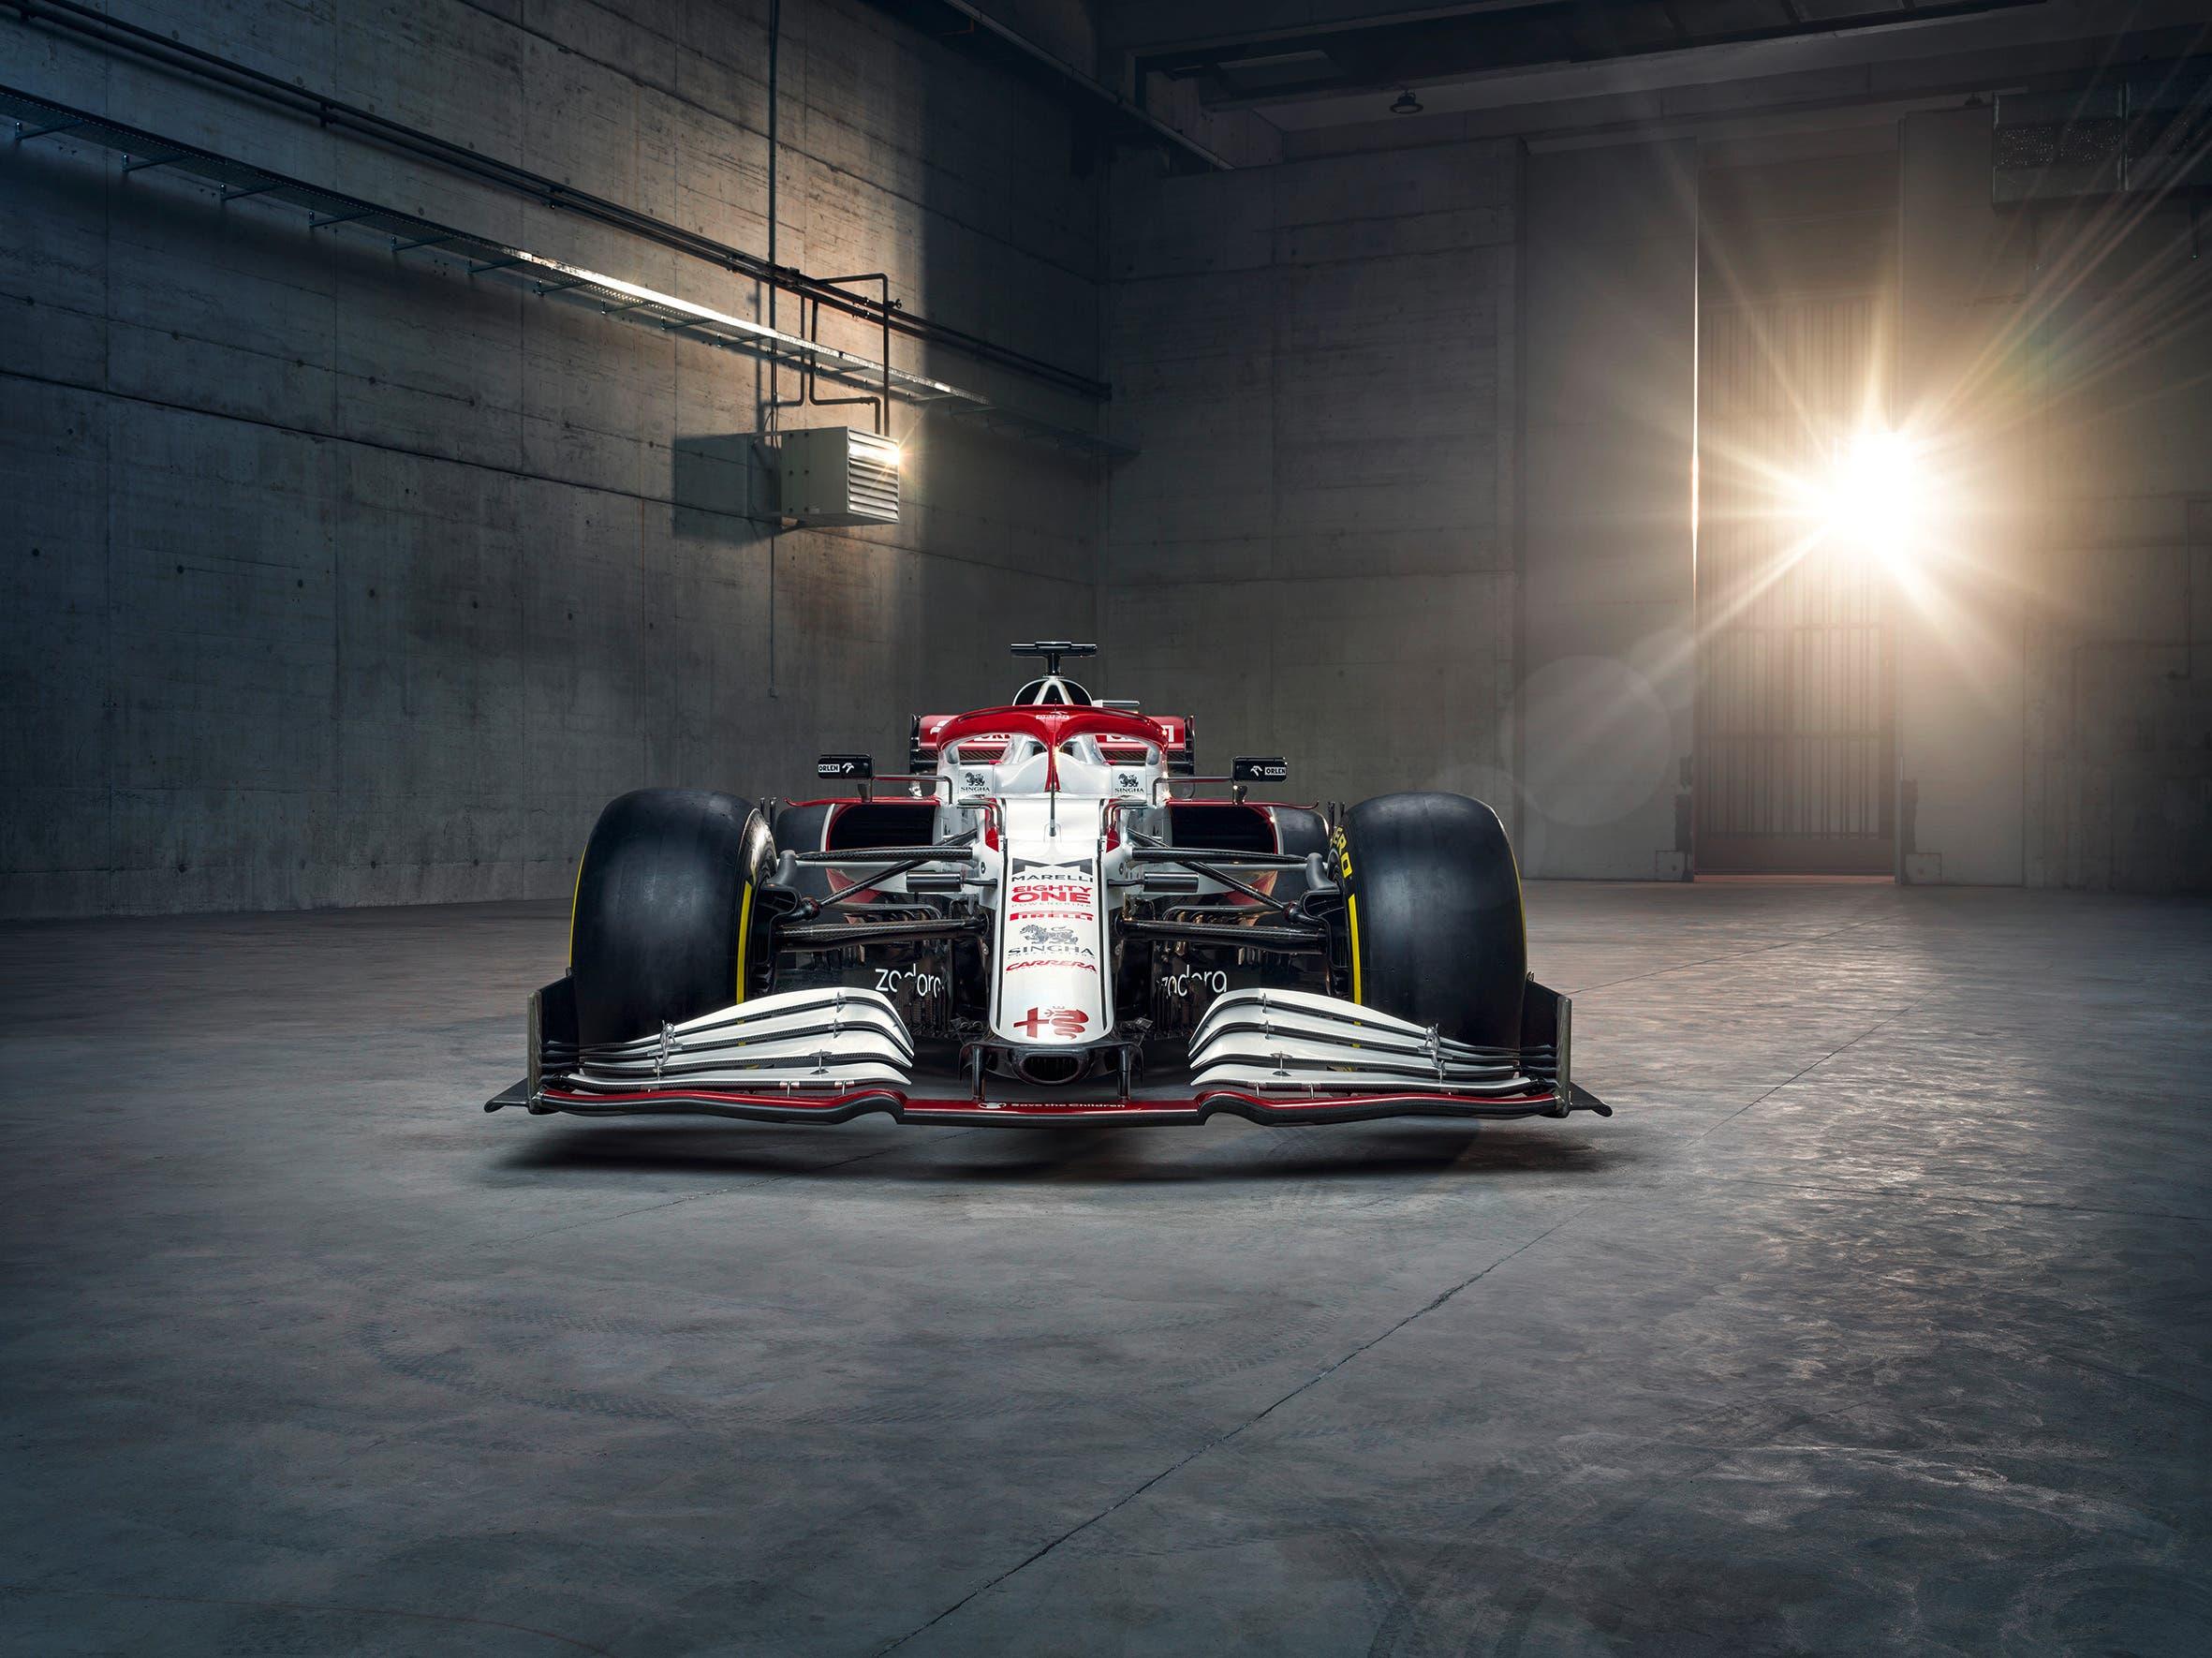 Unter der Karosserie wartet ein neuer Ferrari-Motor auf Kimi Räikkönen und Antonio Giovinazzi.